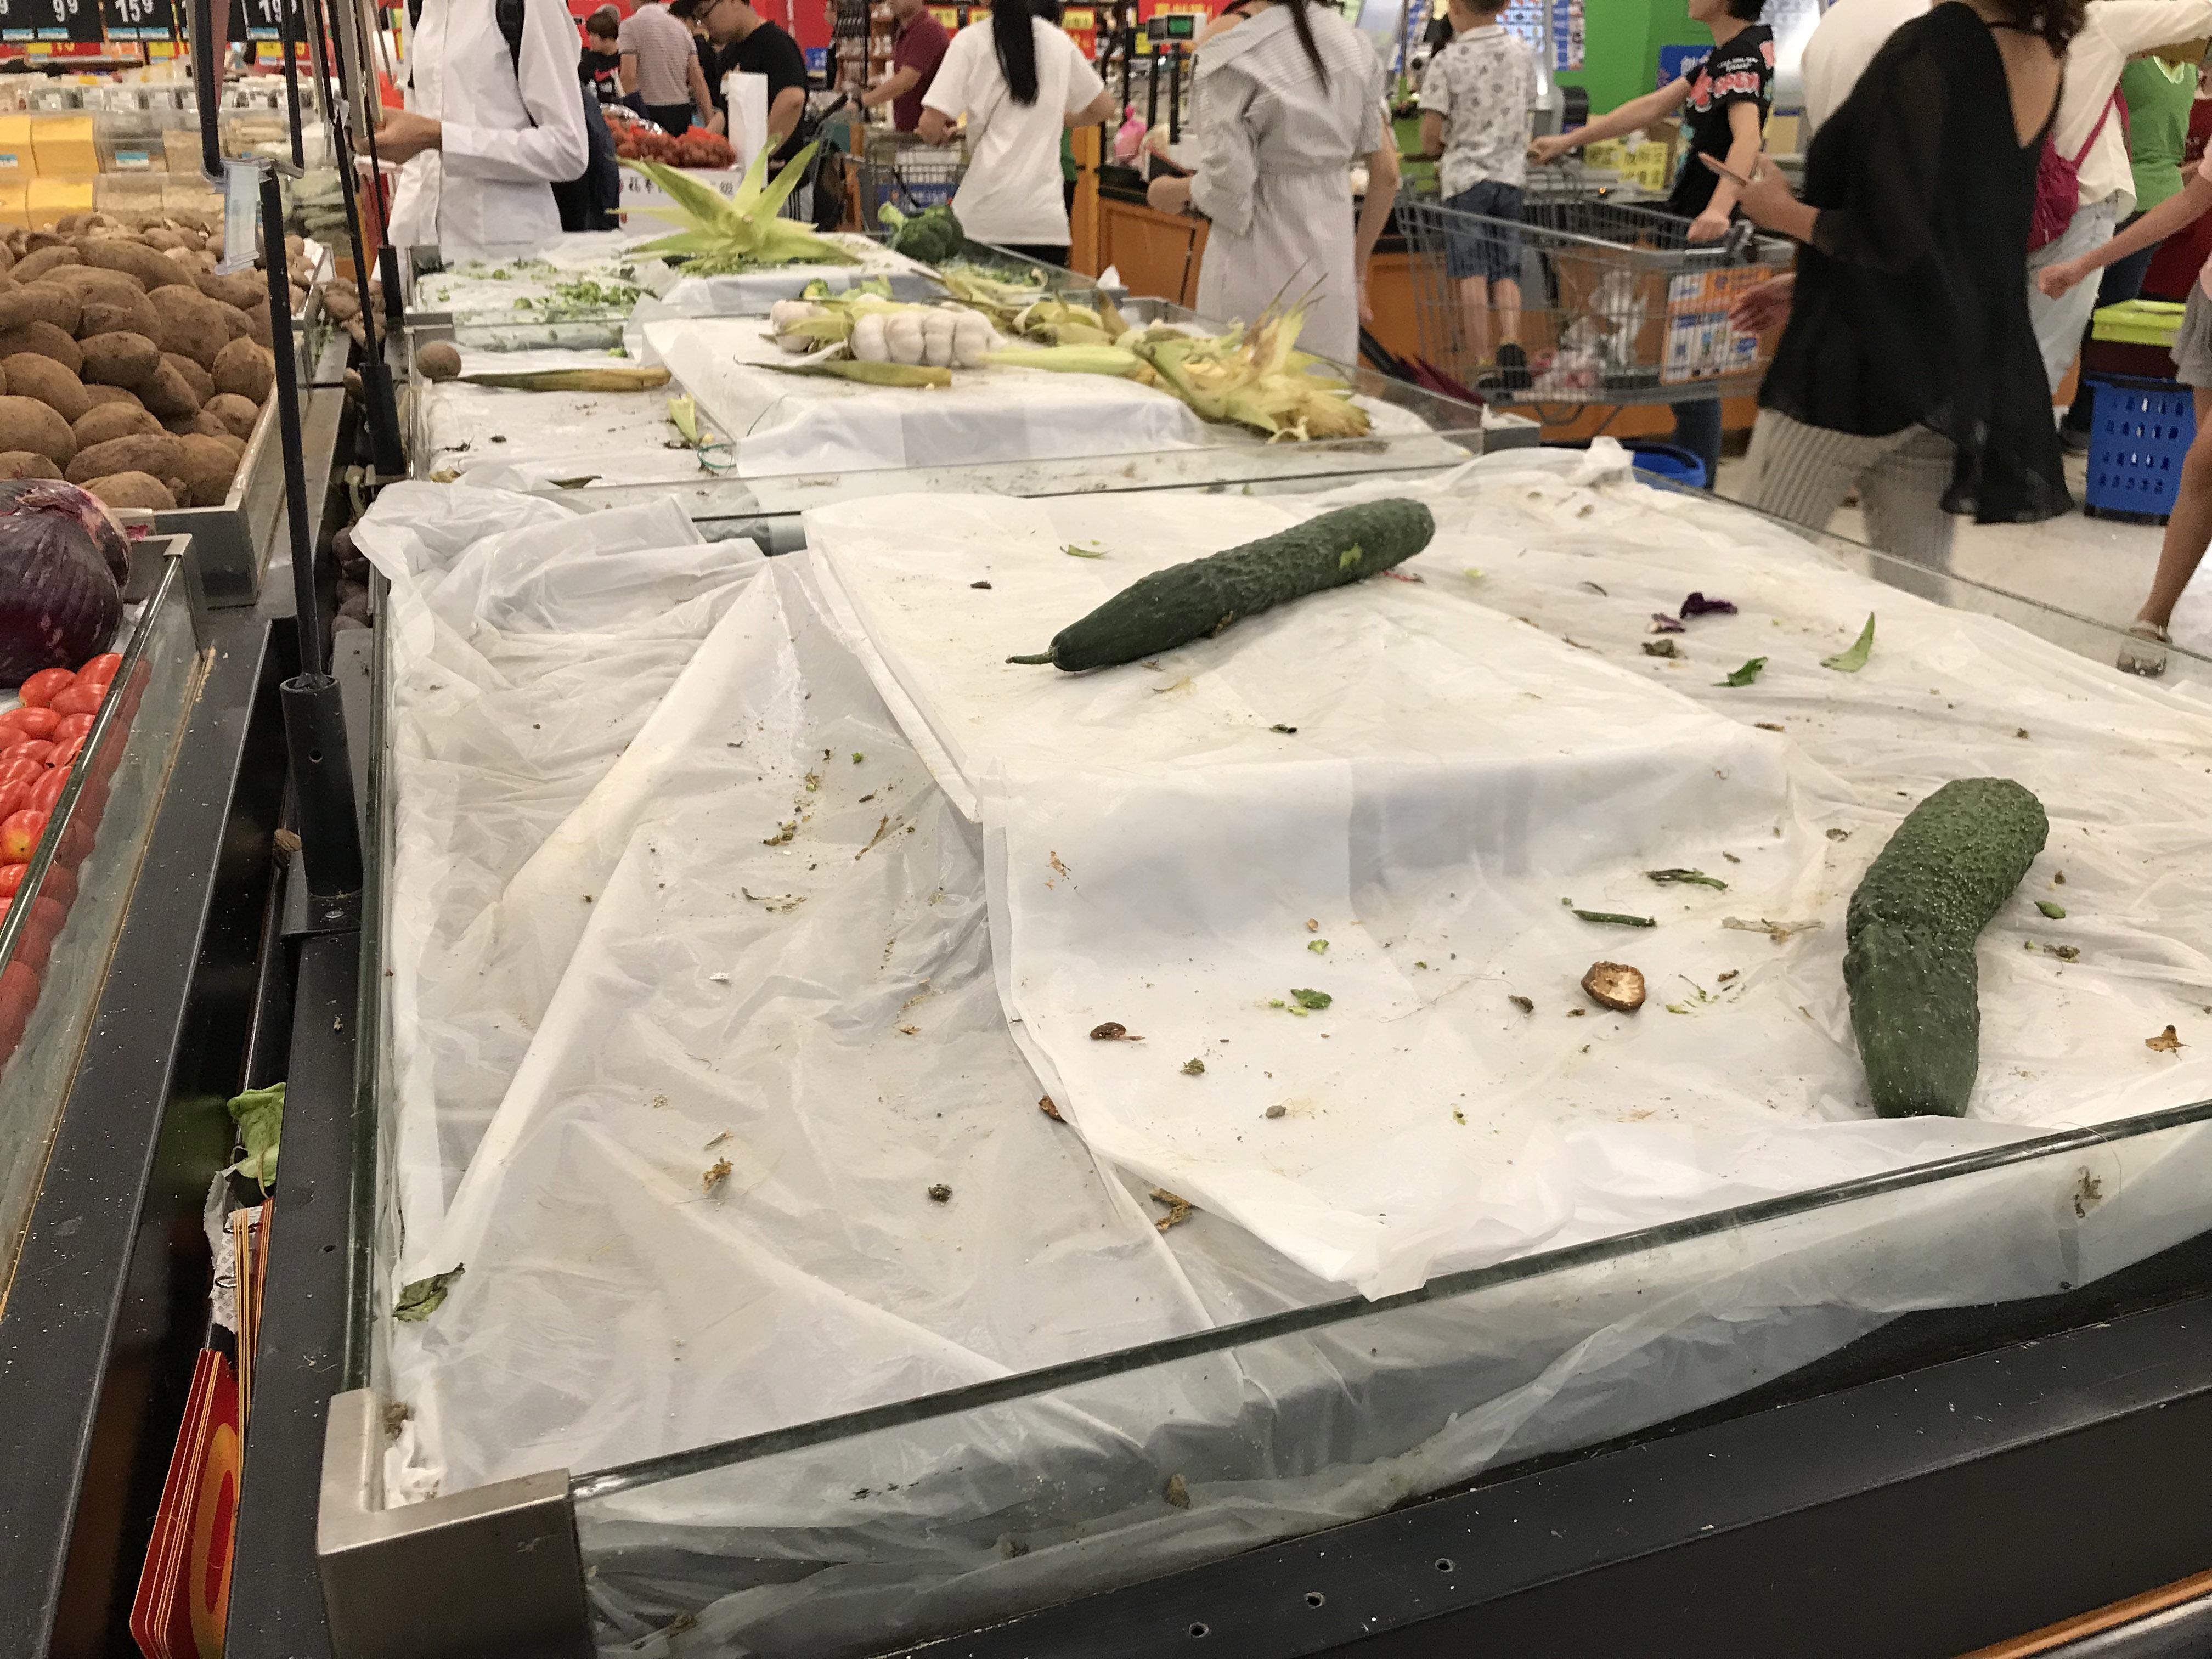 Thriller: Egy amerikai férfi a seggéhez dörzsölte a gyümölcsöket a boltban, aztán visszarakta őket a polcra